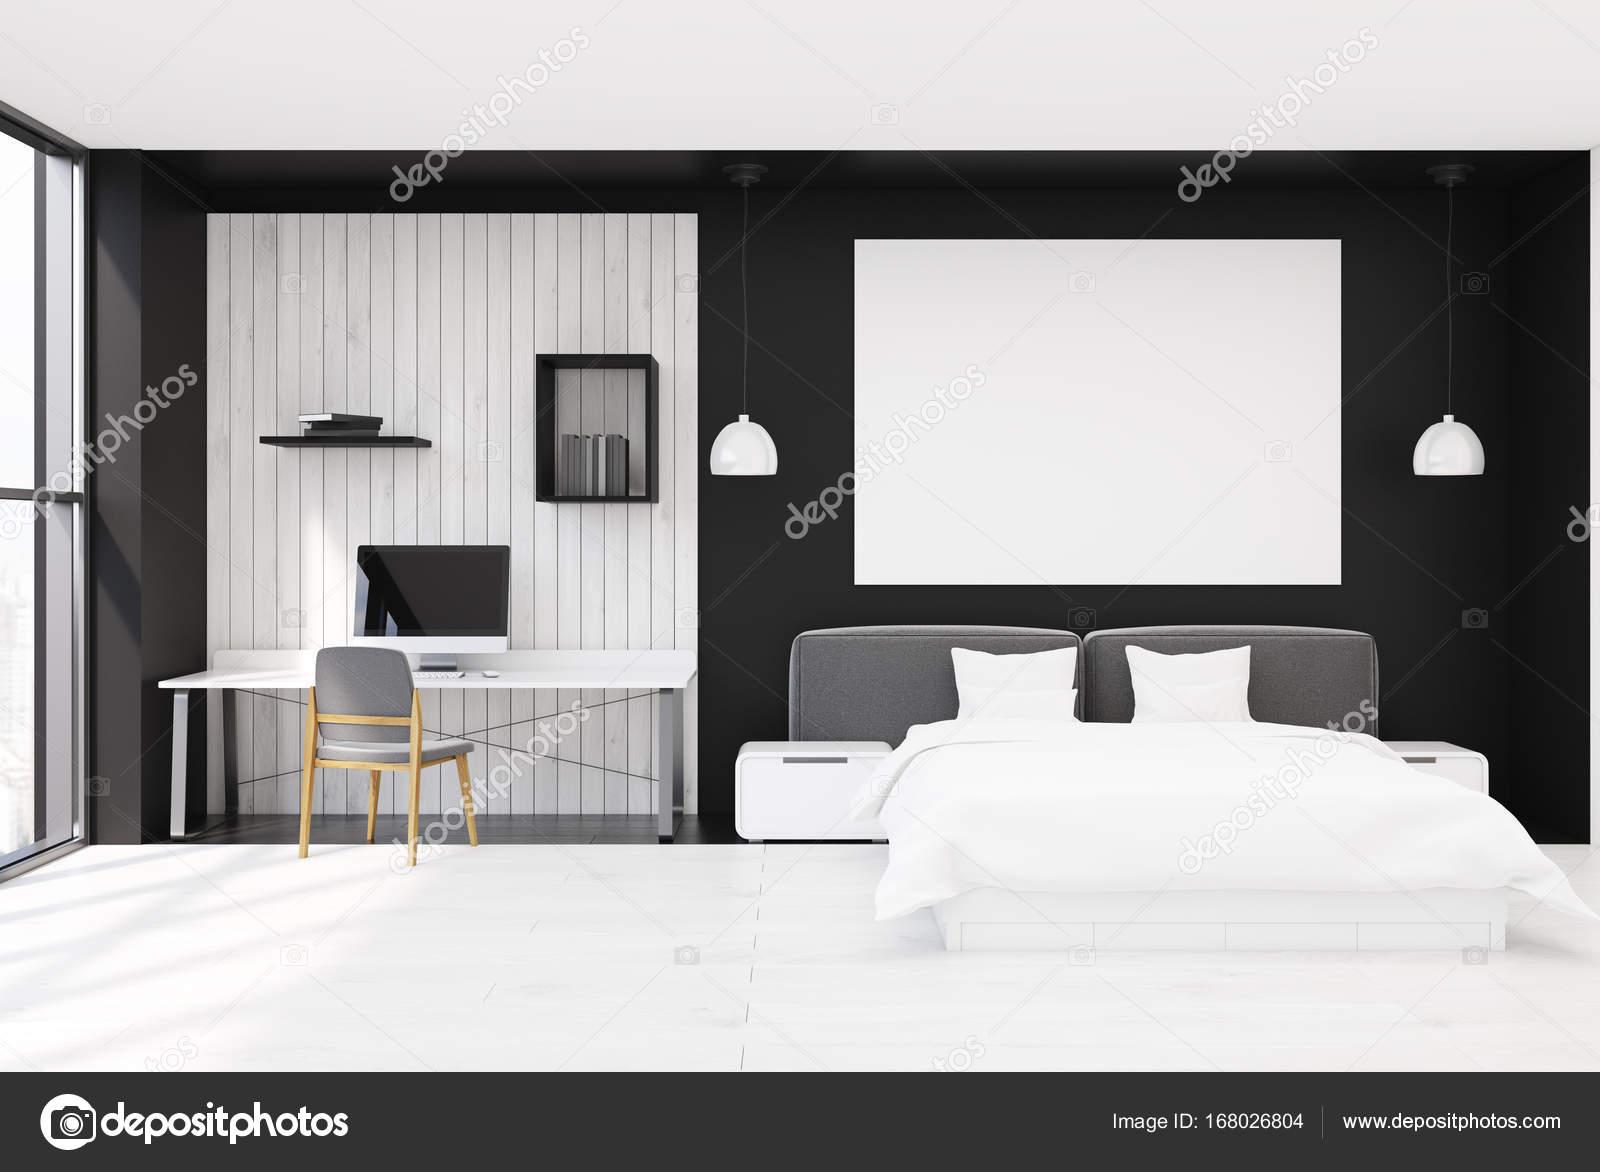 zwart wit houten slaapkamer interieur met een houten vloer grote ramen een tweepersoonsbed en een kantoor aan huis hoek met een computer en een boek